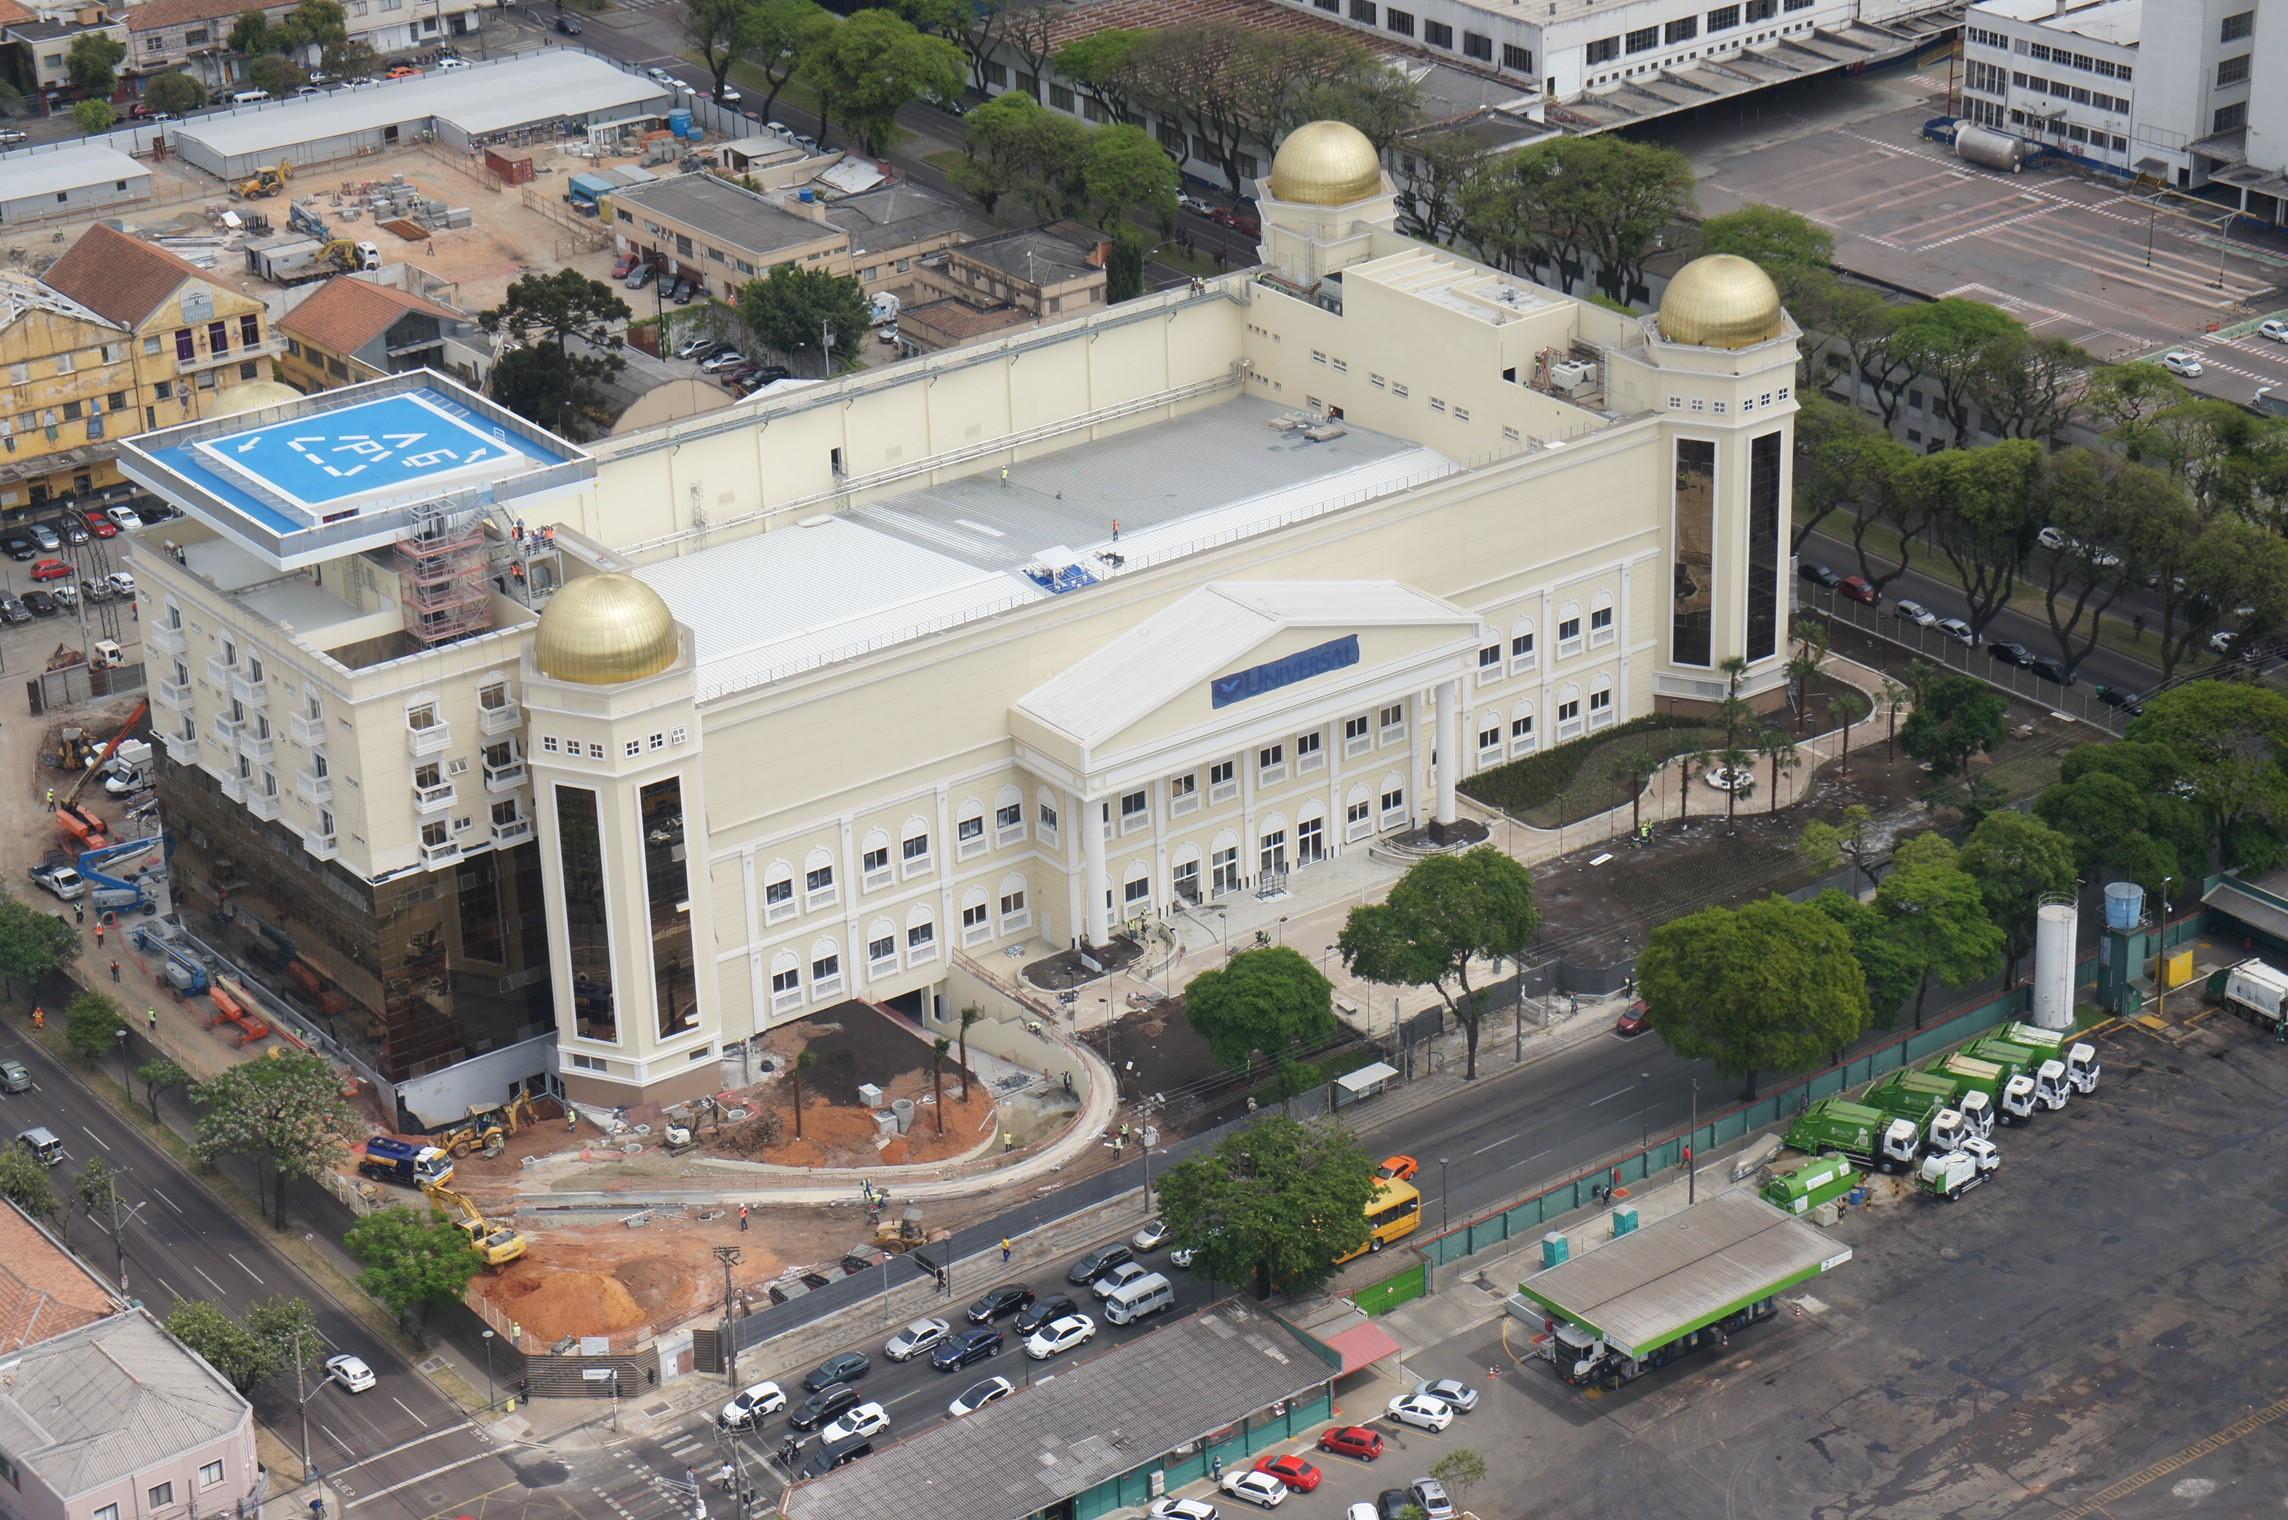 Templo Maior transforma região de Curitiba5 min read